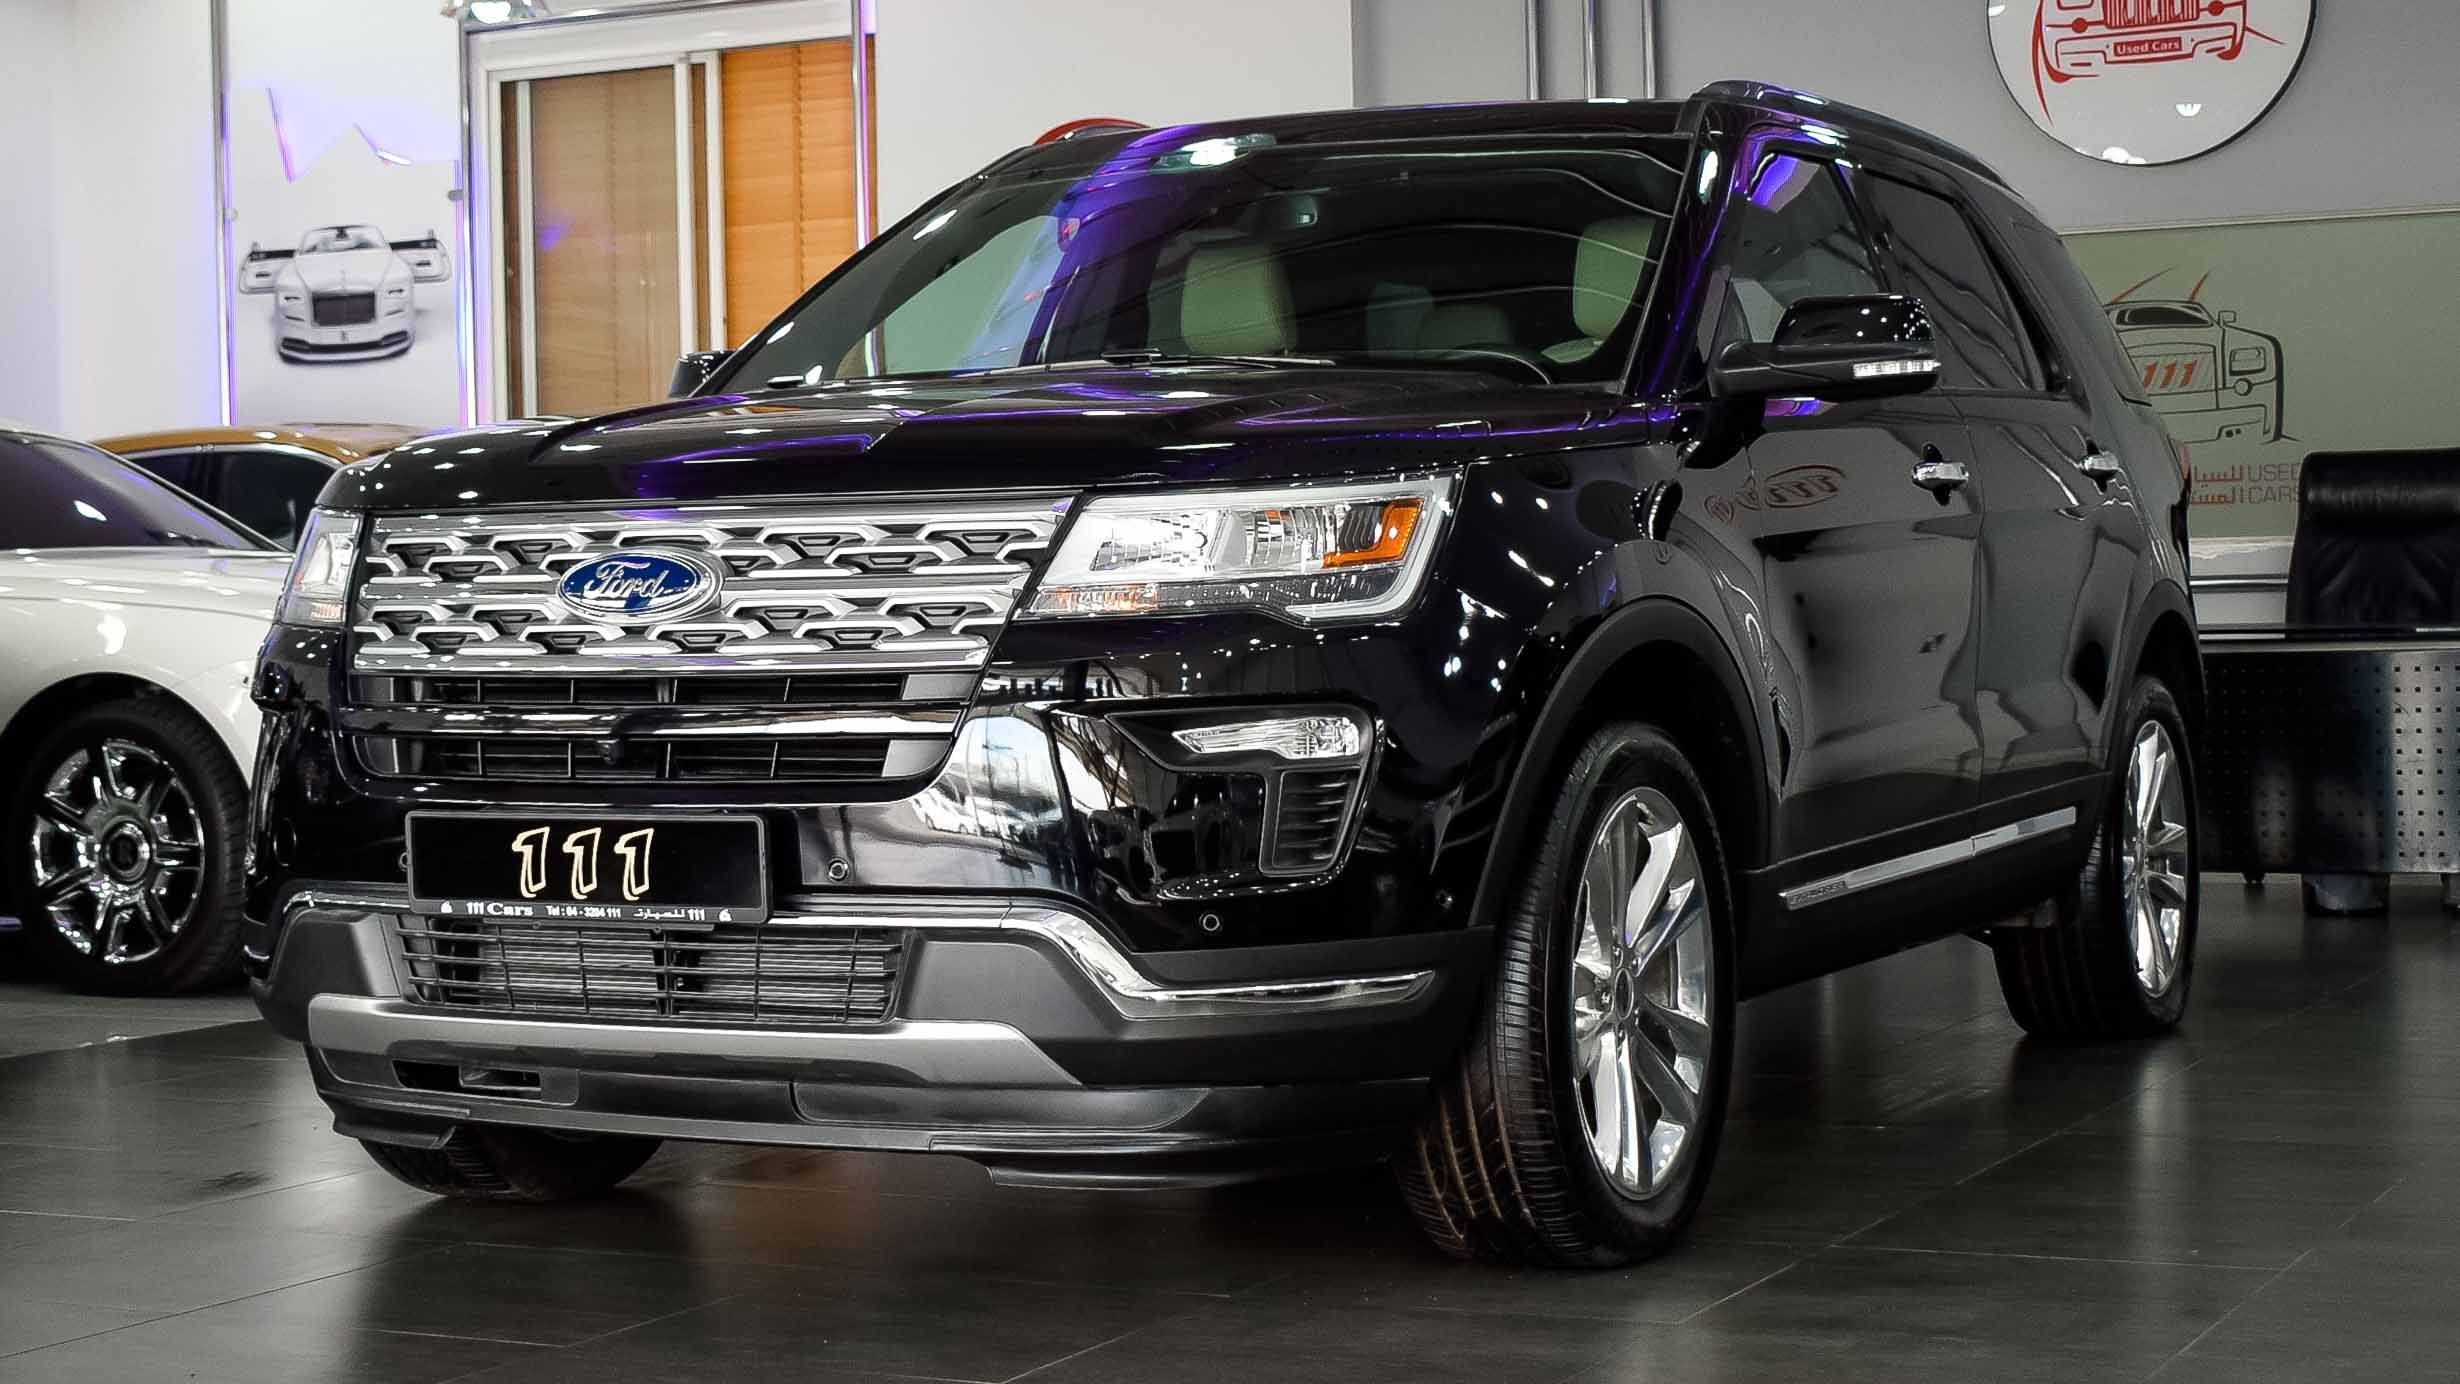 Model Ford Explorer Limited Ecoboost 4wd 2.3L V4